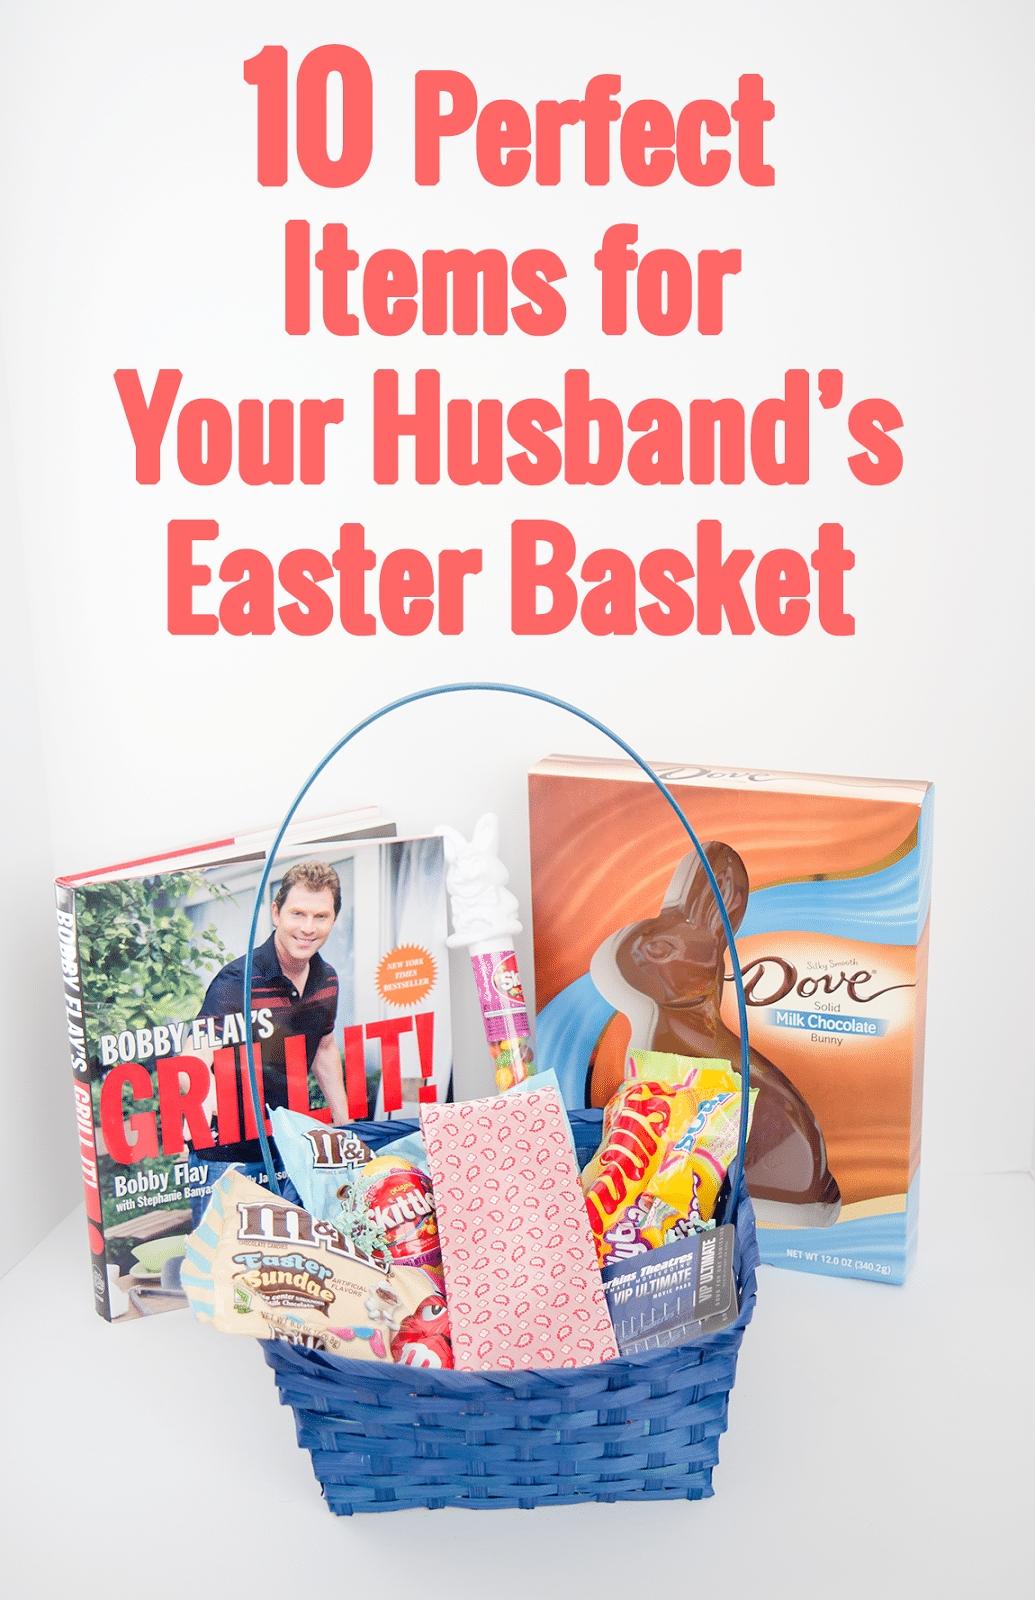 10 Elegant Easter Basket Ideas For Husband husbands easter basket